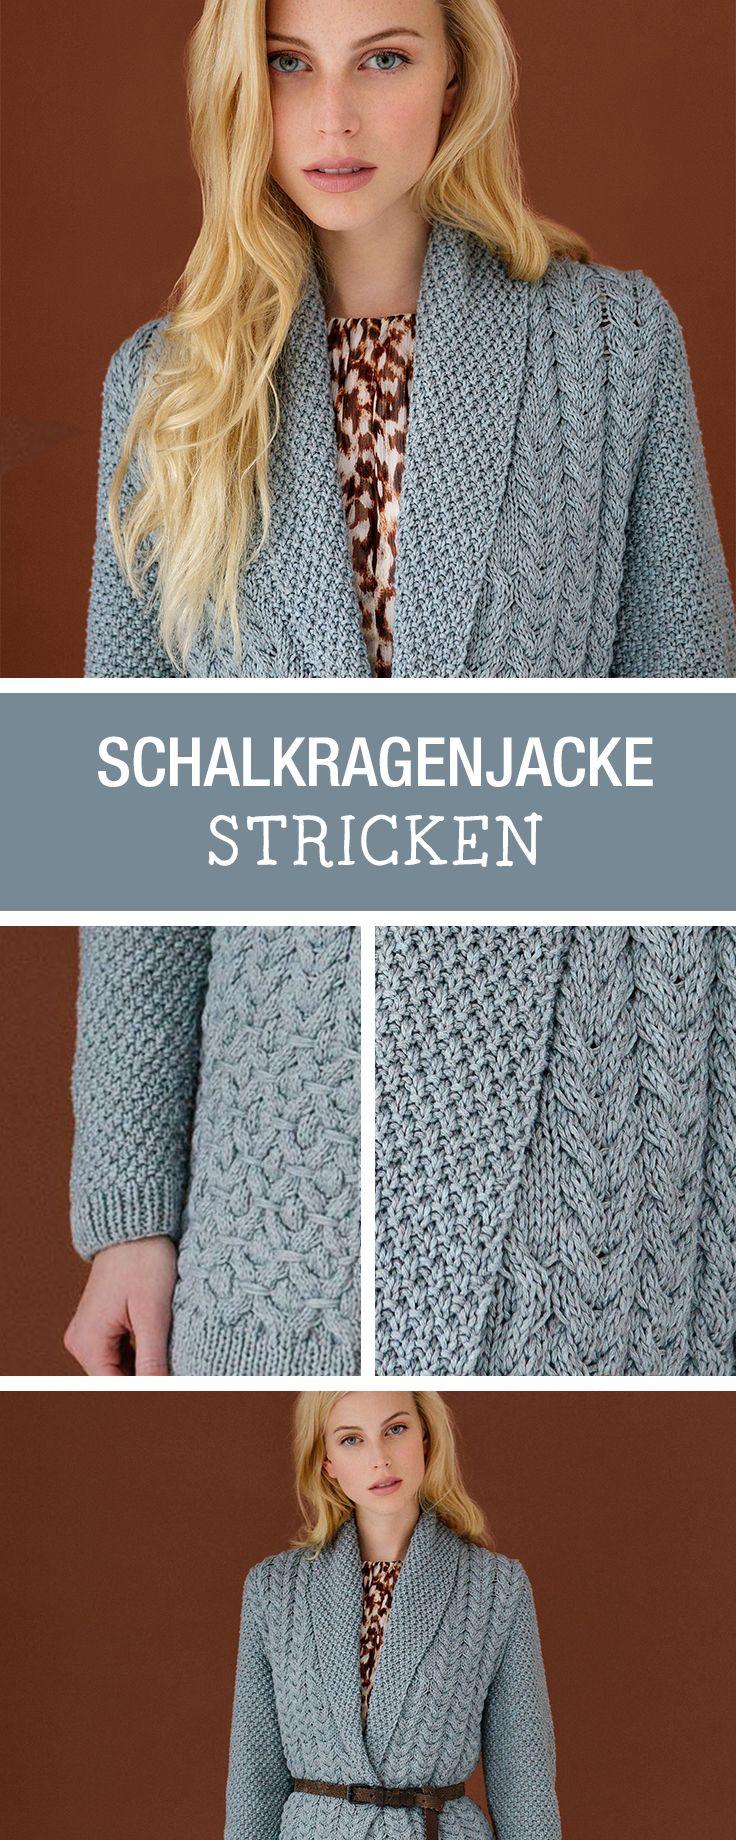 DIY-Anleitung: stricke Dir eine gemütliche Schalkragenjacke für kalte Tage / DIY tutorial: knitting a cozy jacket for colder days via DaWanda.com